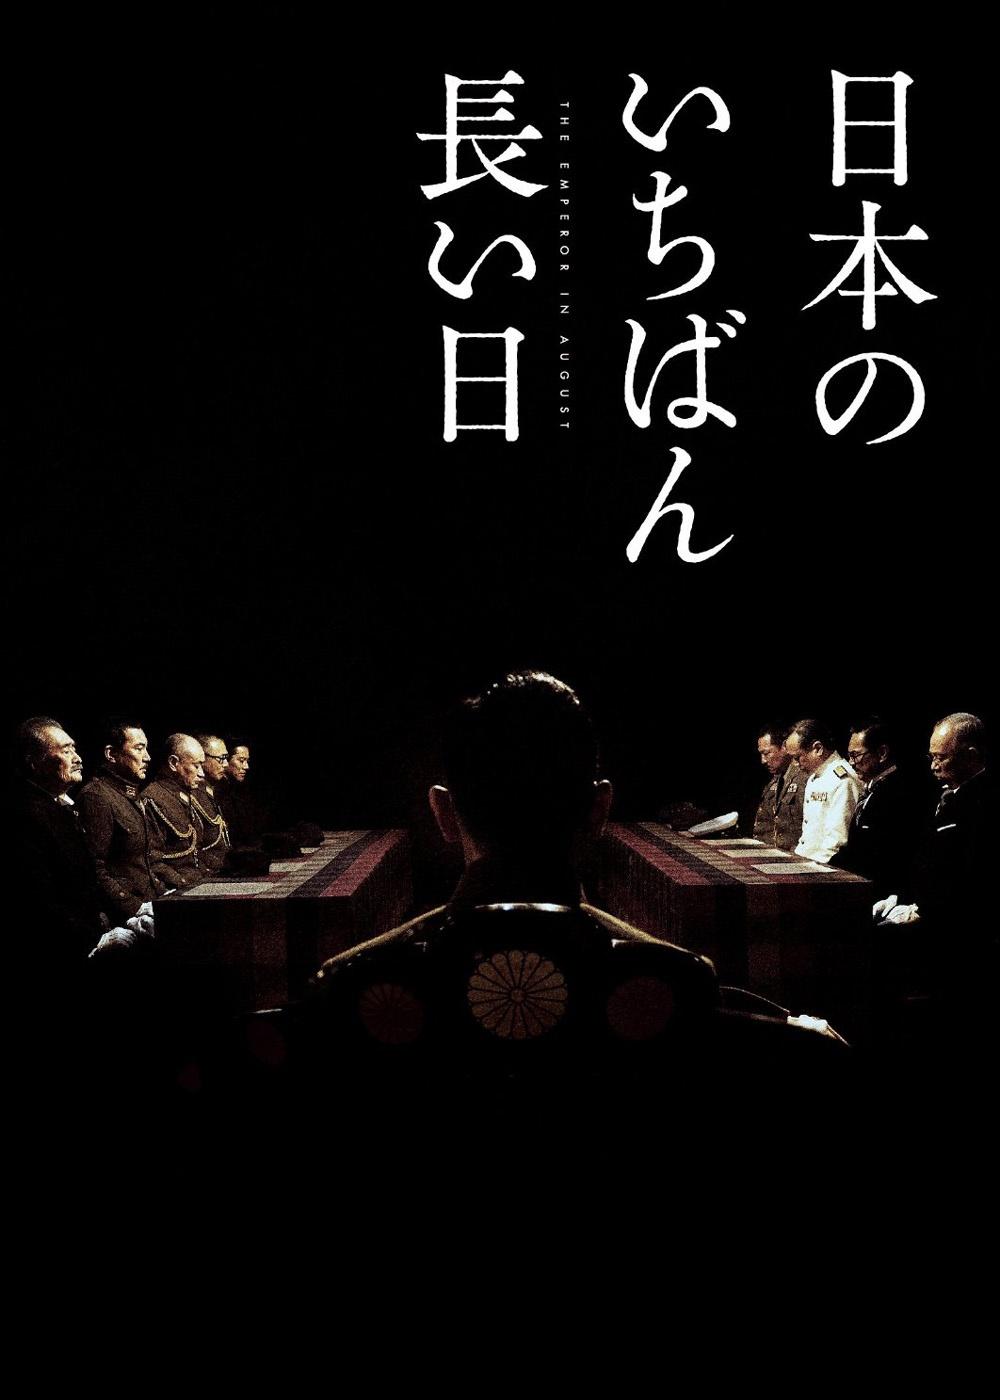 引网友热议_日本最长的一天_电影海报_图集_电影网_1905.com